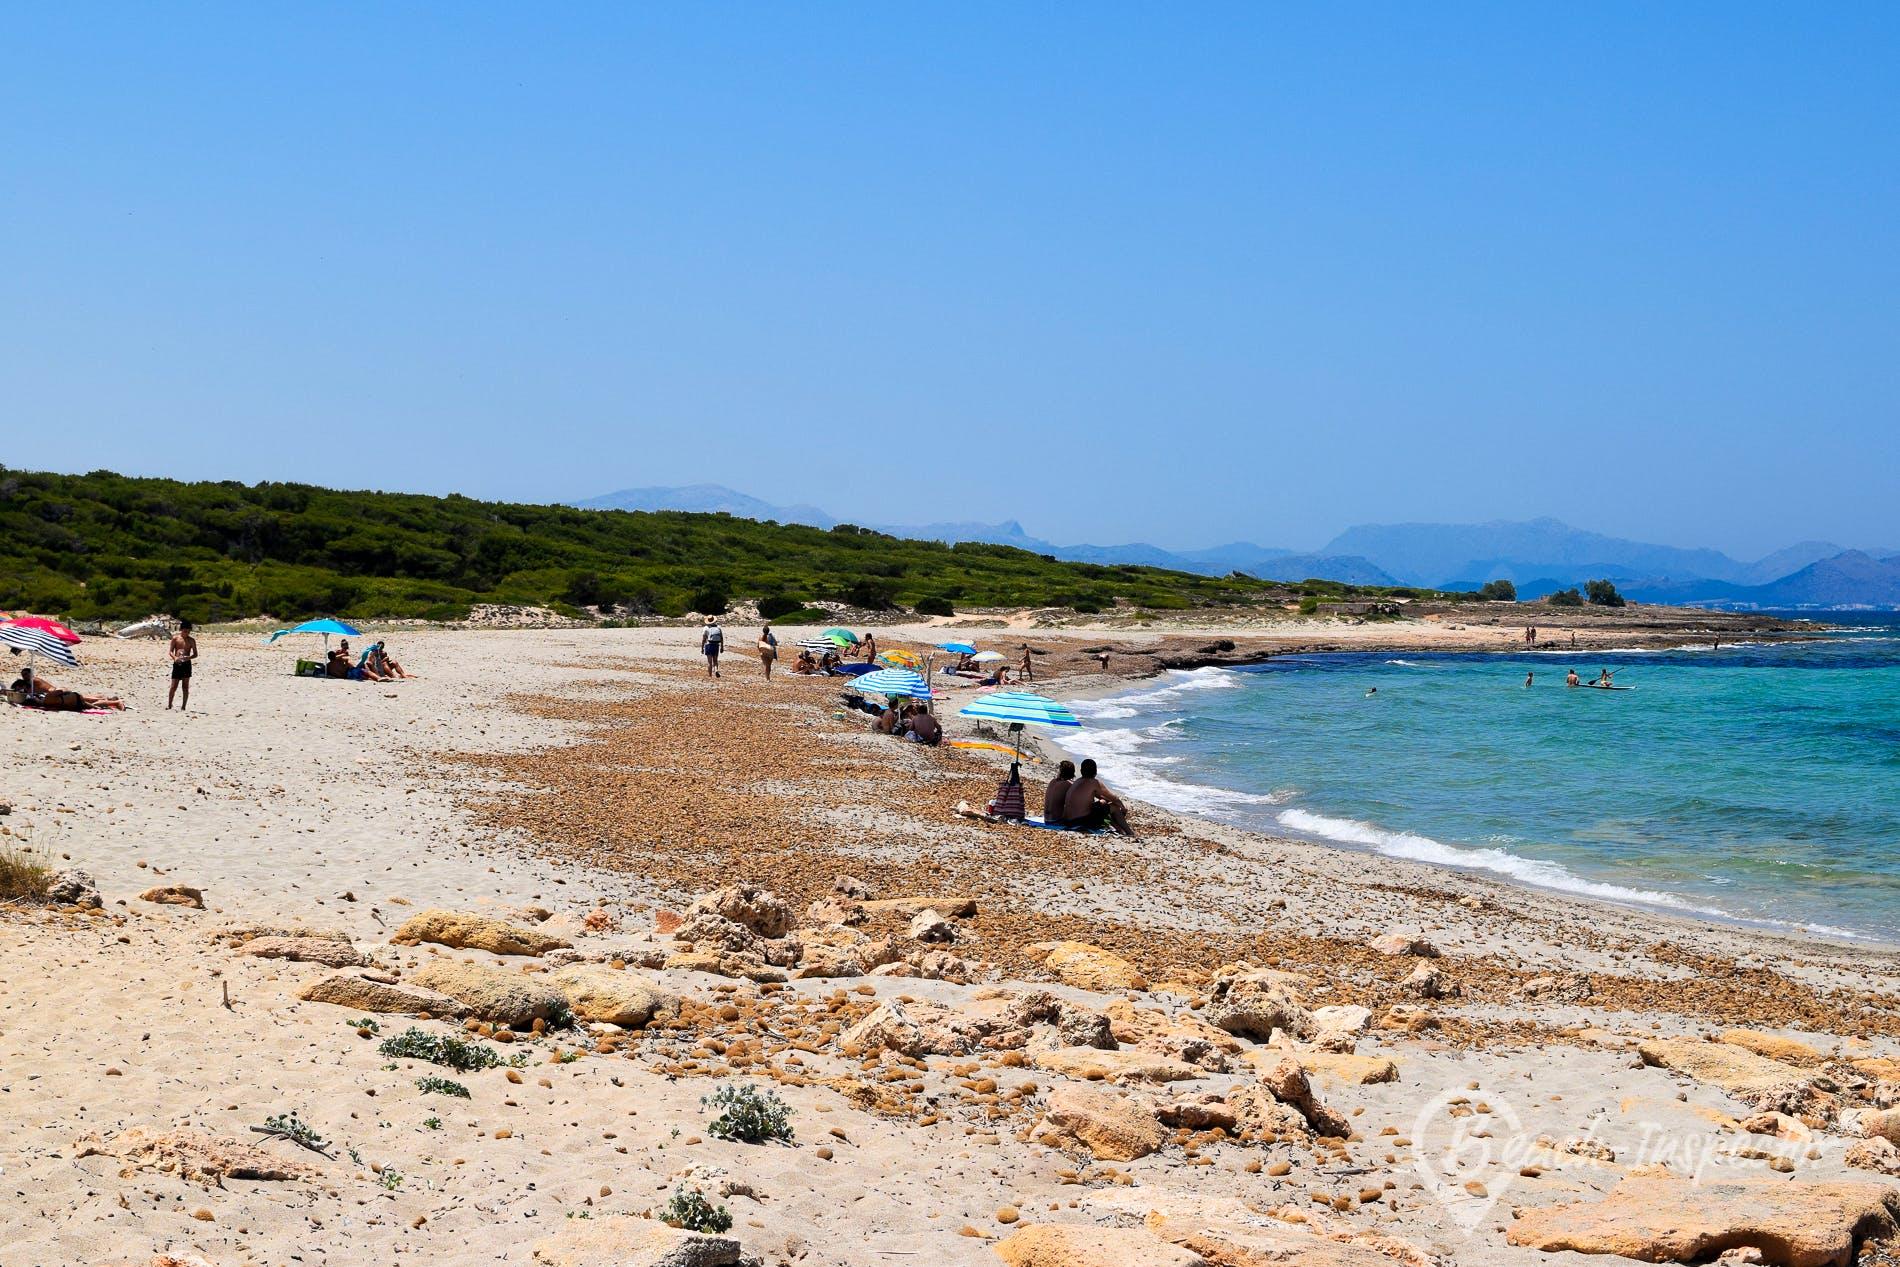 Beach Playa Son Real, Majorca, Spain